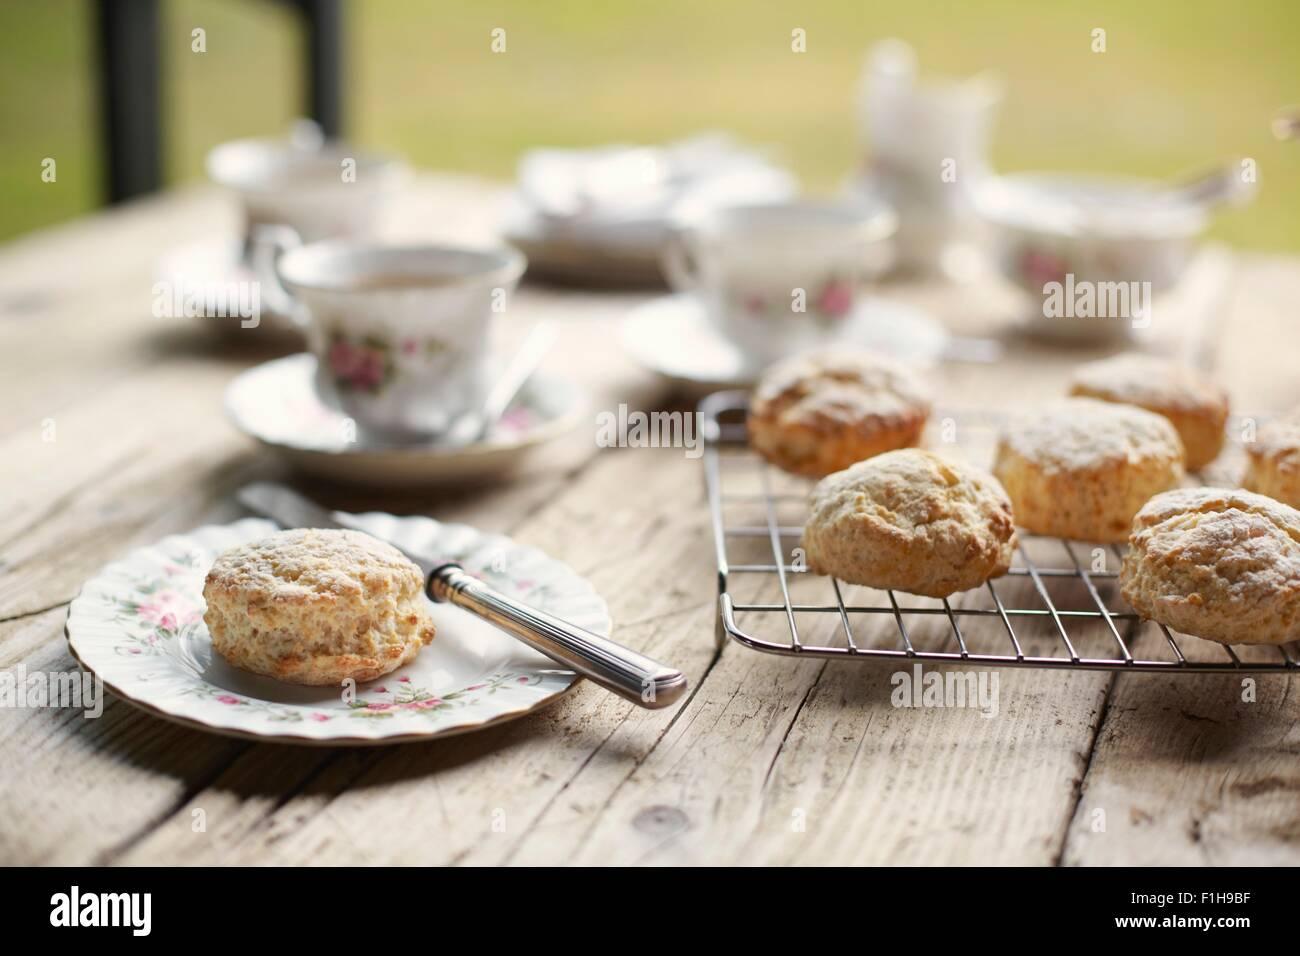 Tavolo con freschi di forno focaccine e tè del pomeriggio Immagini Stock